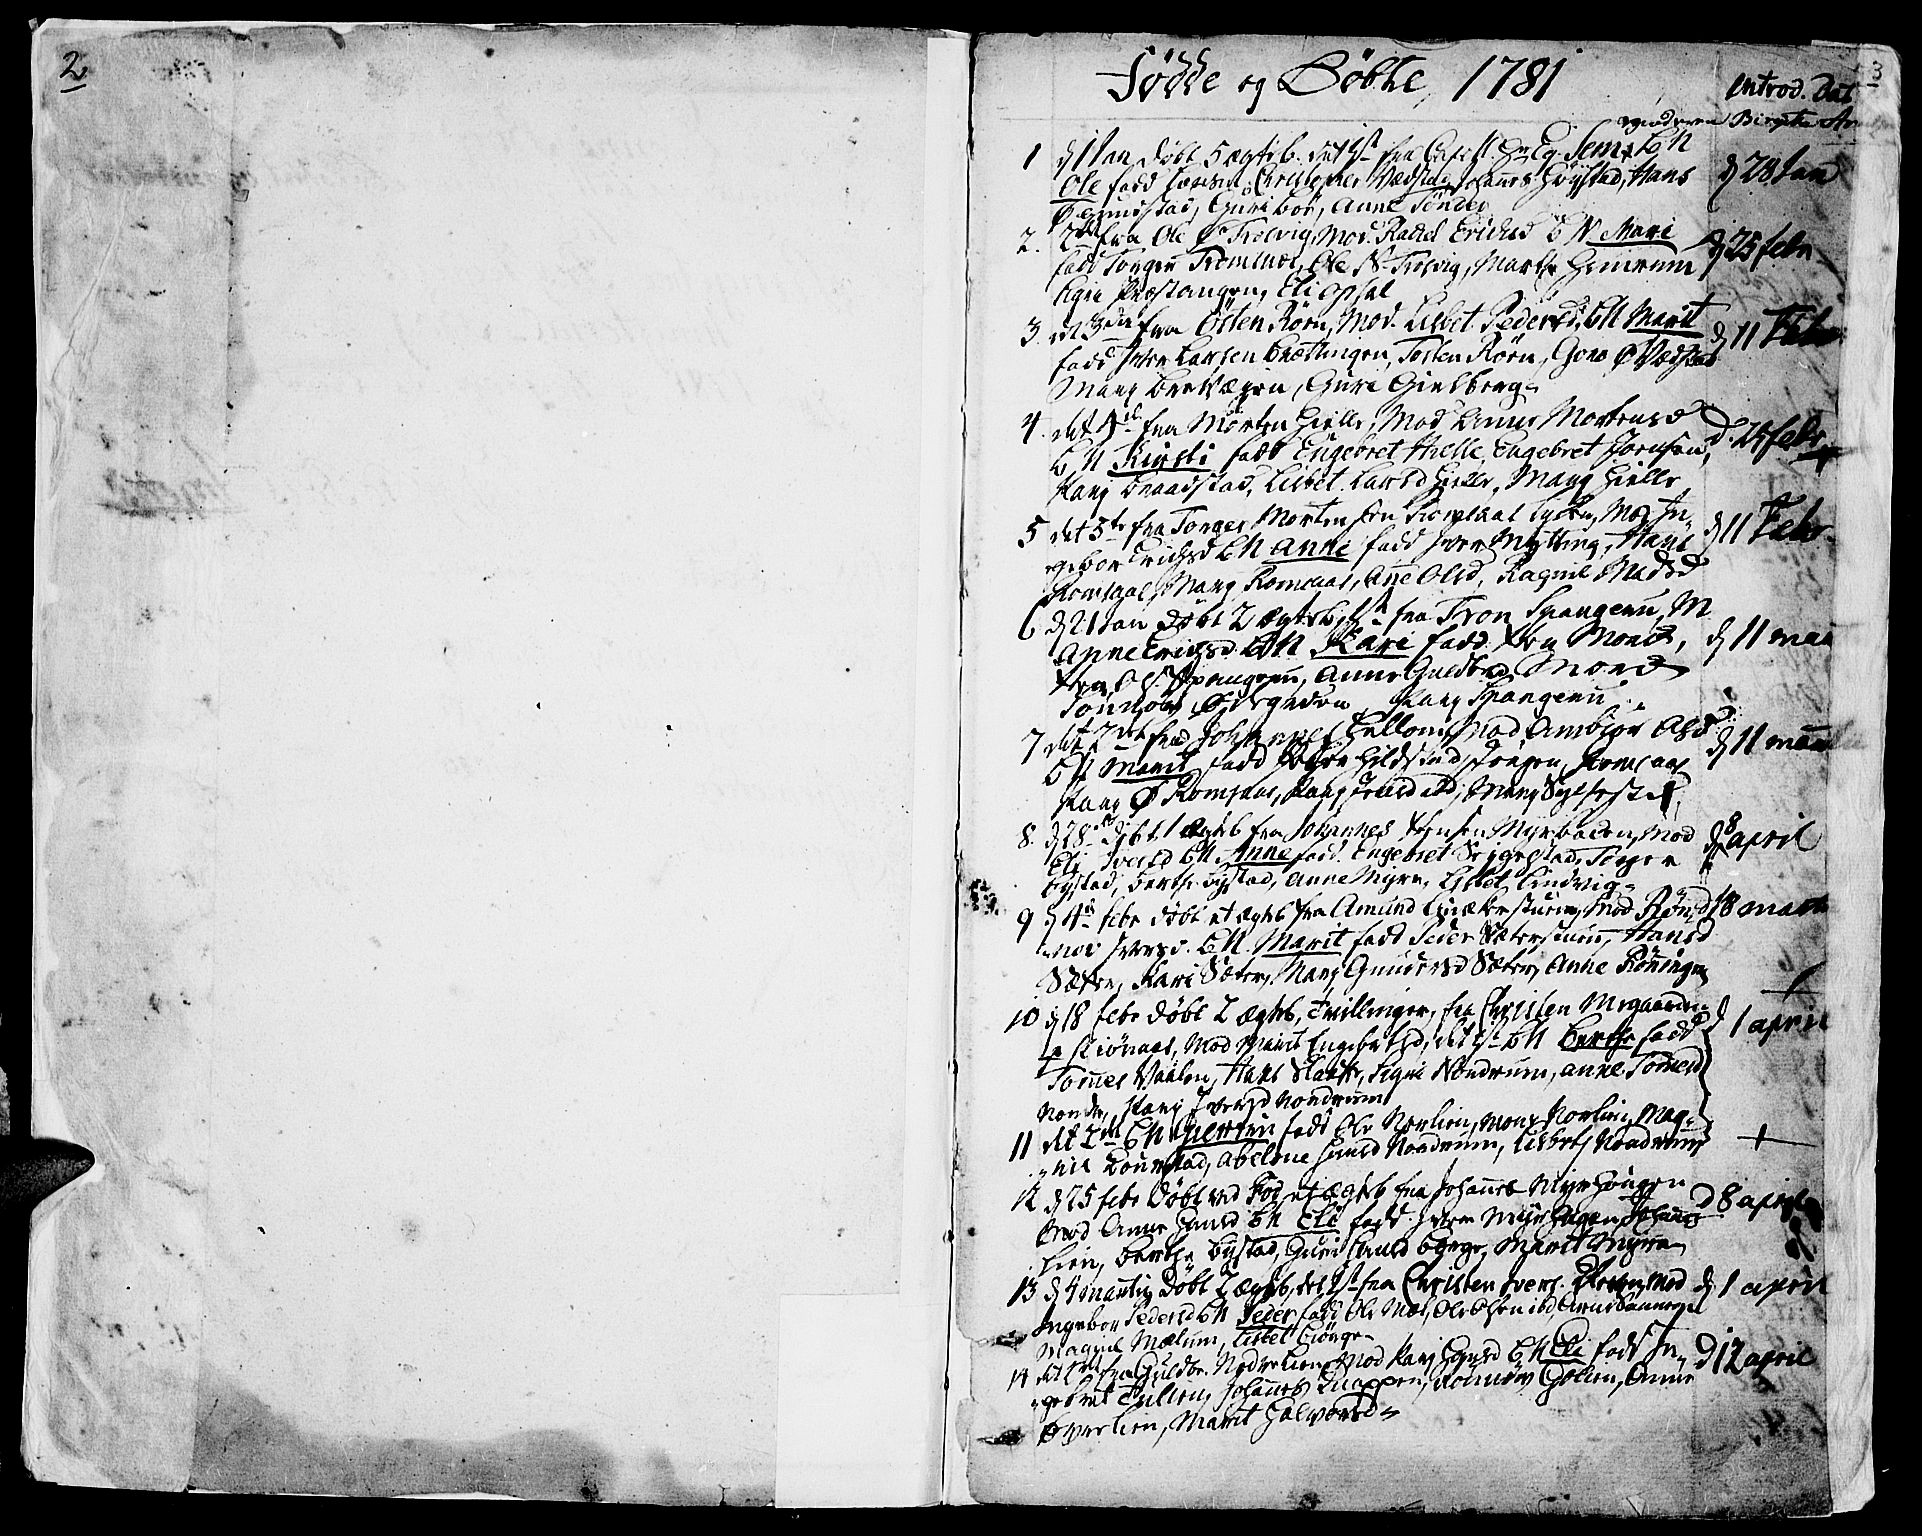 SAH, Ringebu prestekontor, Parish register (official) no. 3, 1781-1820, p. 2-3